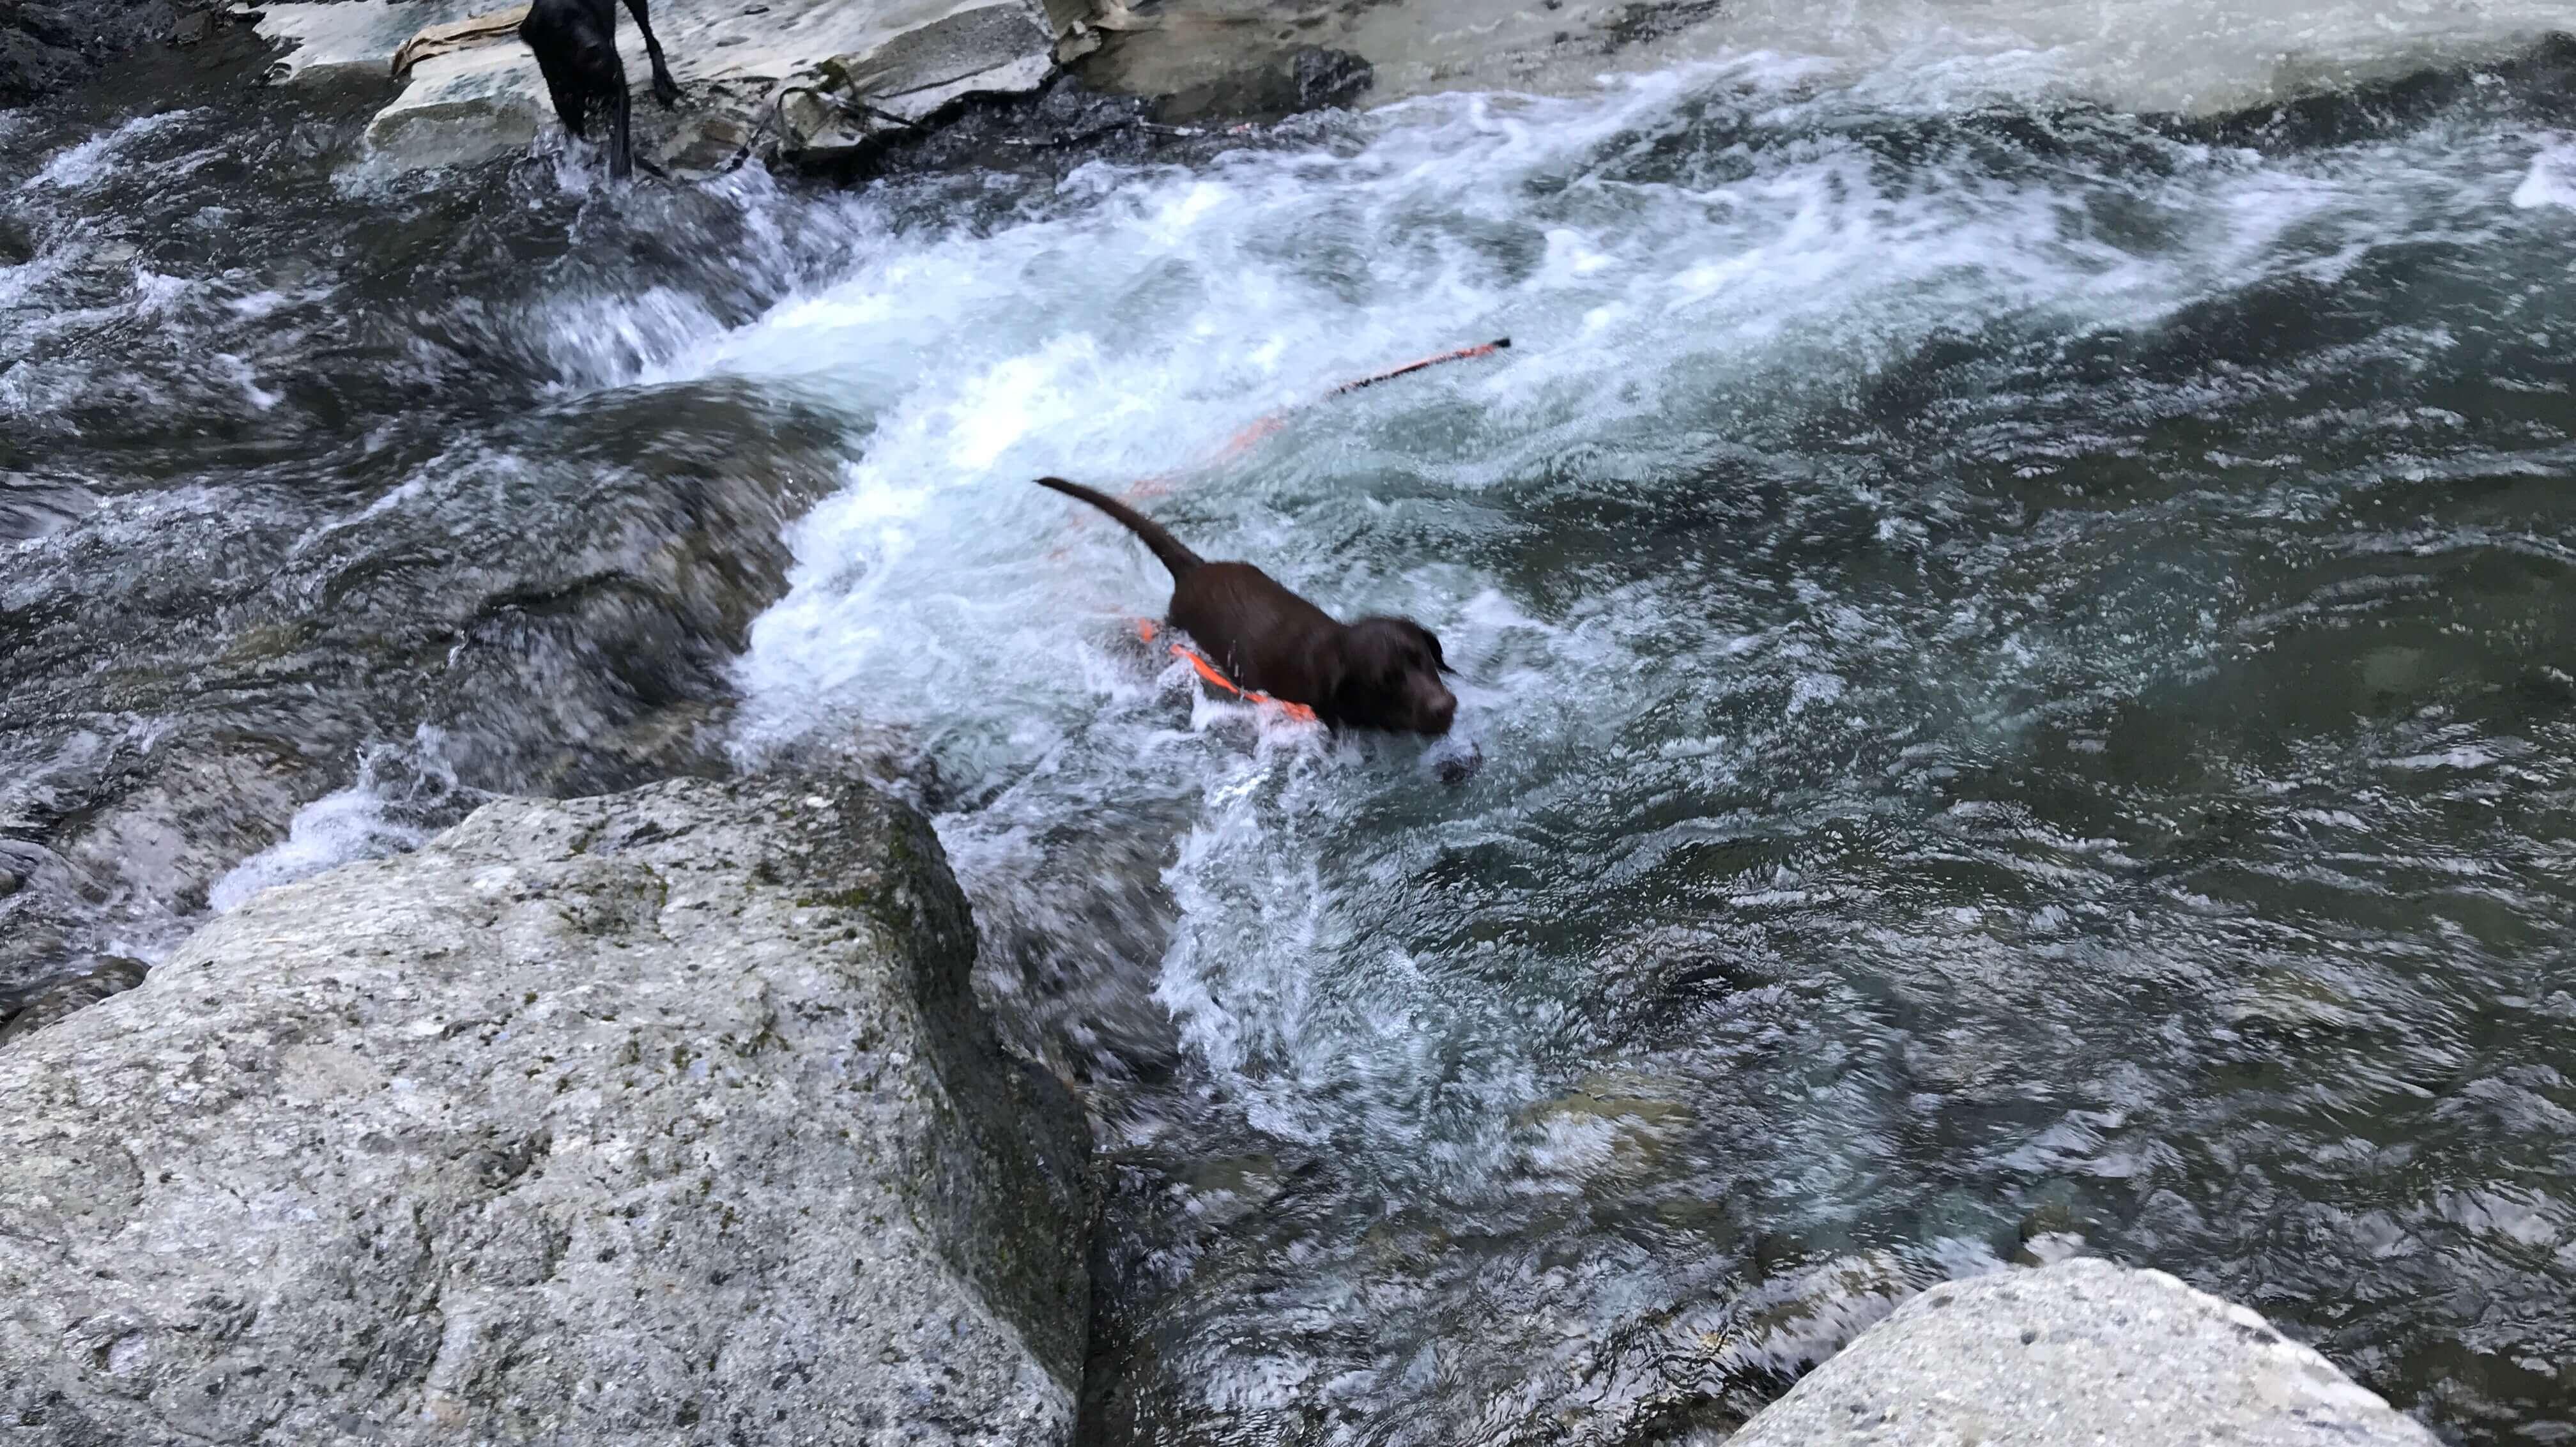 滝畑で川遊び中のチョコラブ